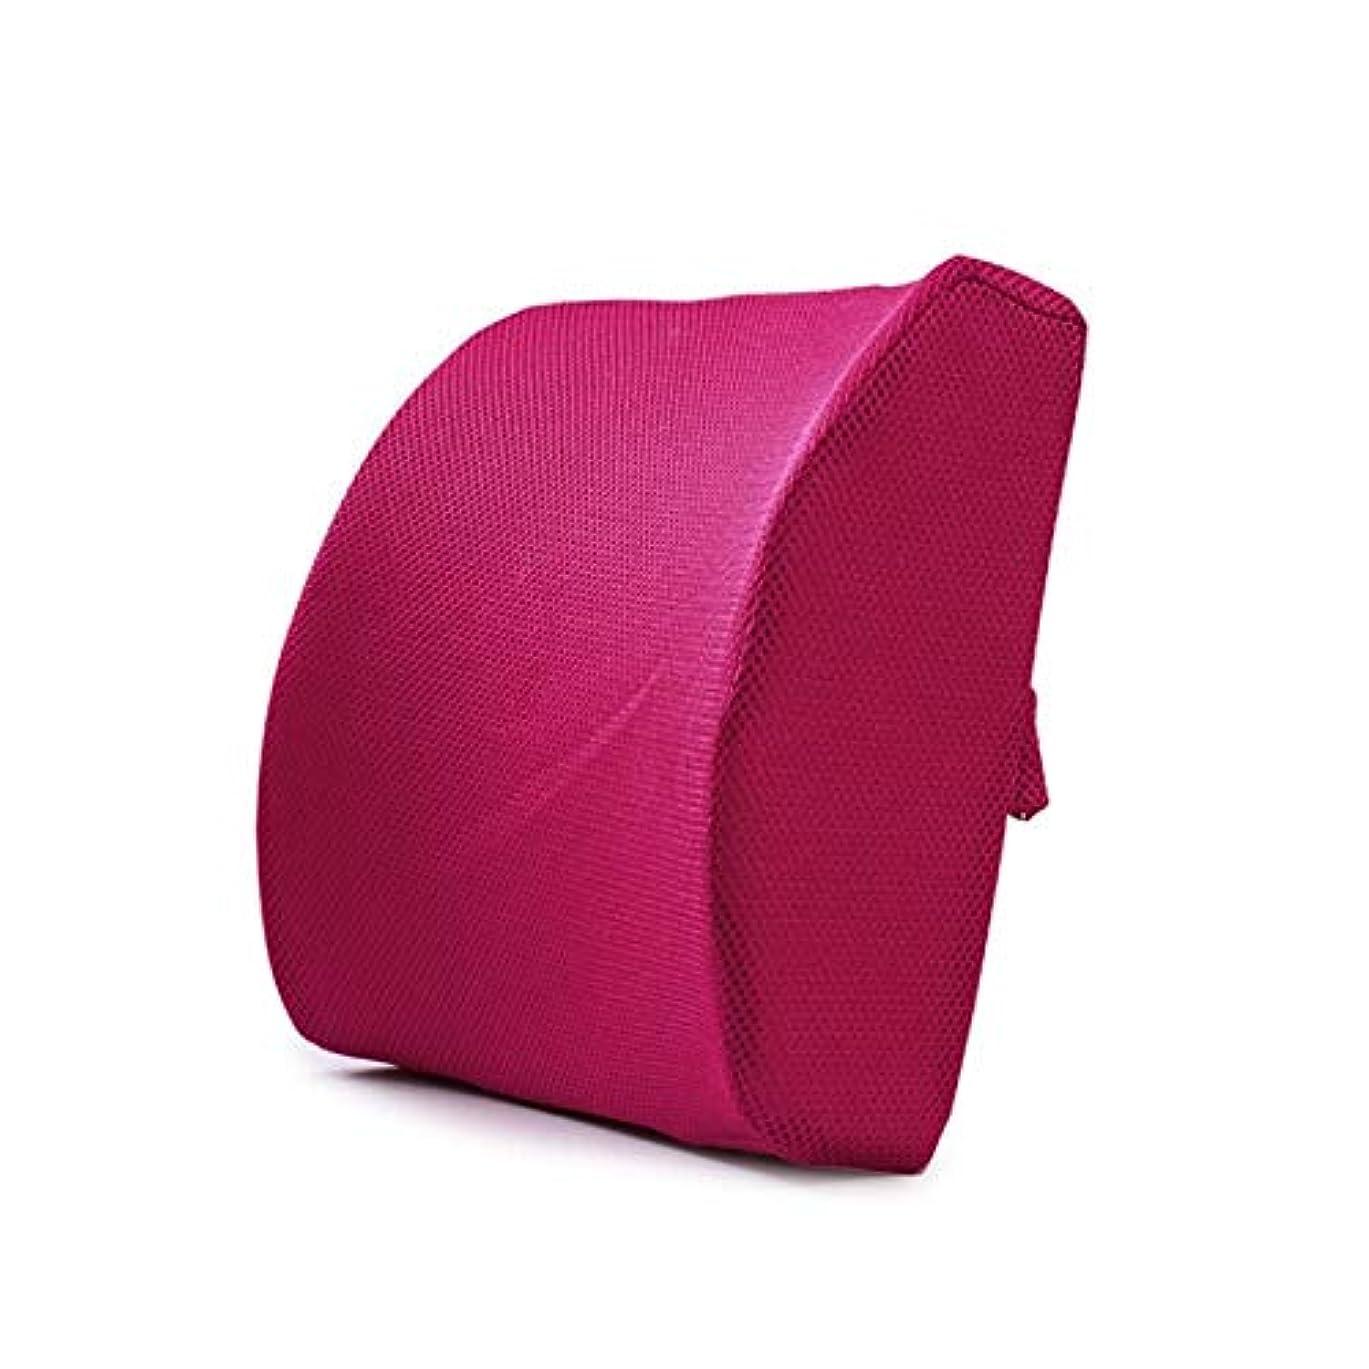 ピンポイント魅惑的な資産LIFE ホームオフィス背もたれ椅子腰椎クッションカーシートネック枕 3D 低反発サポートバックマッサージウエストレスリビング枕 クッション 椅子